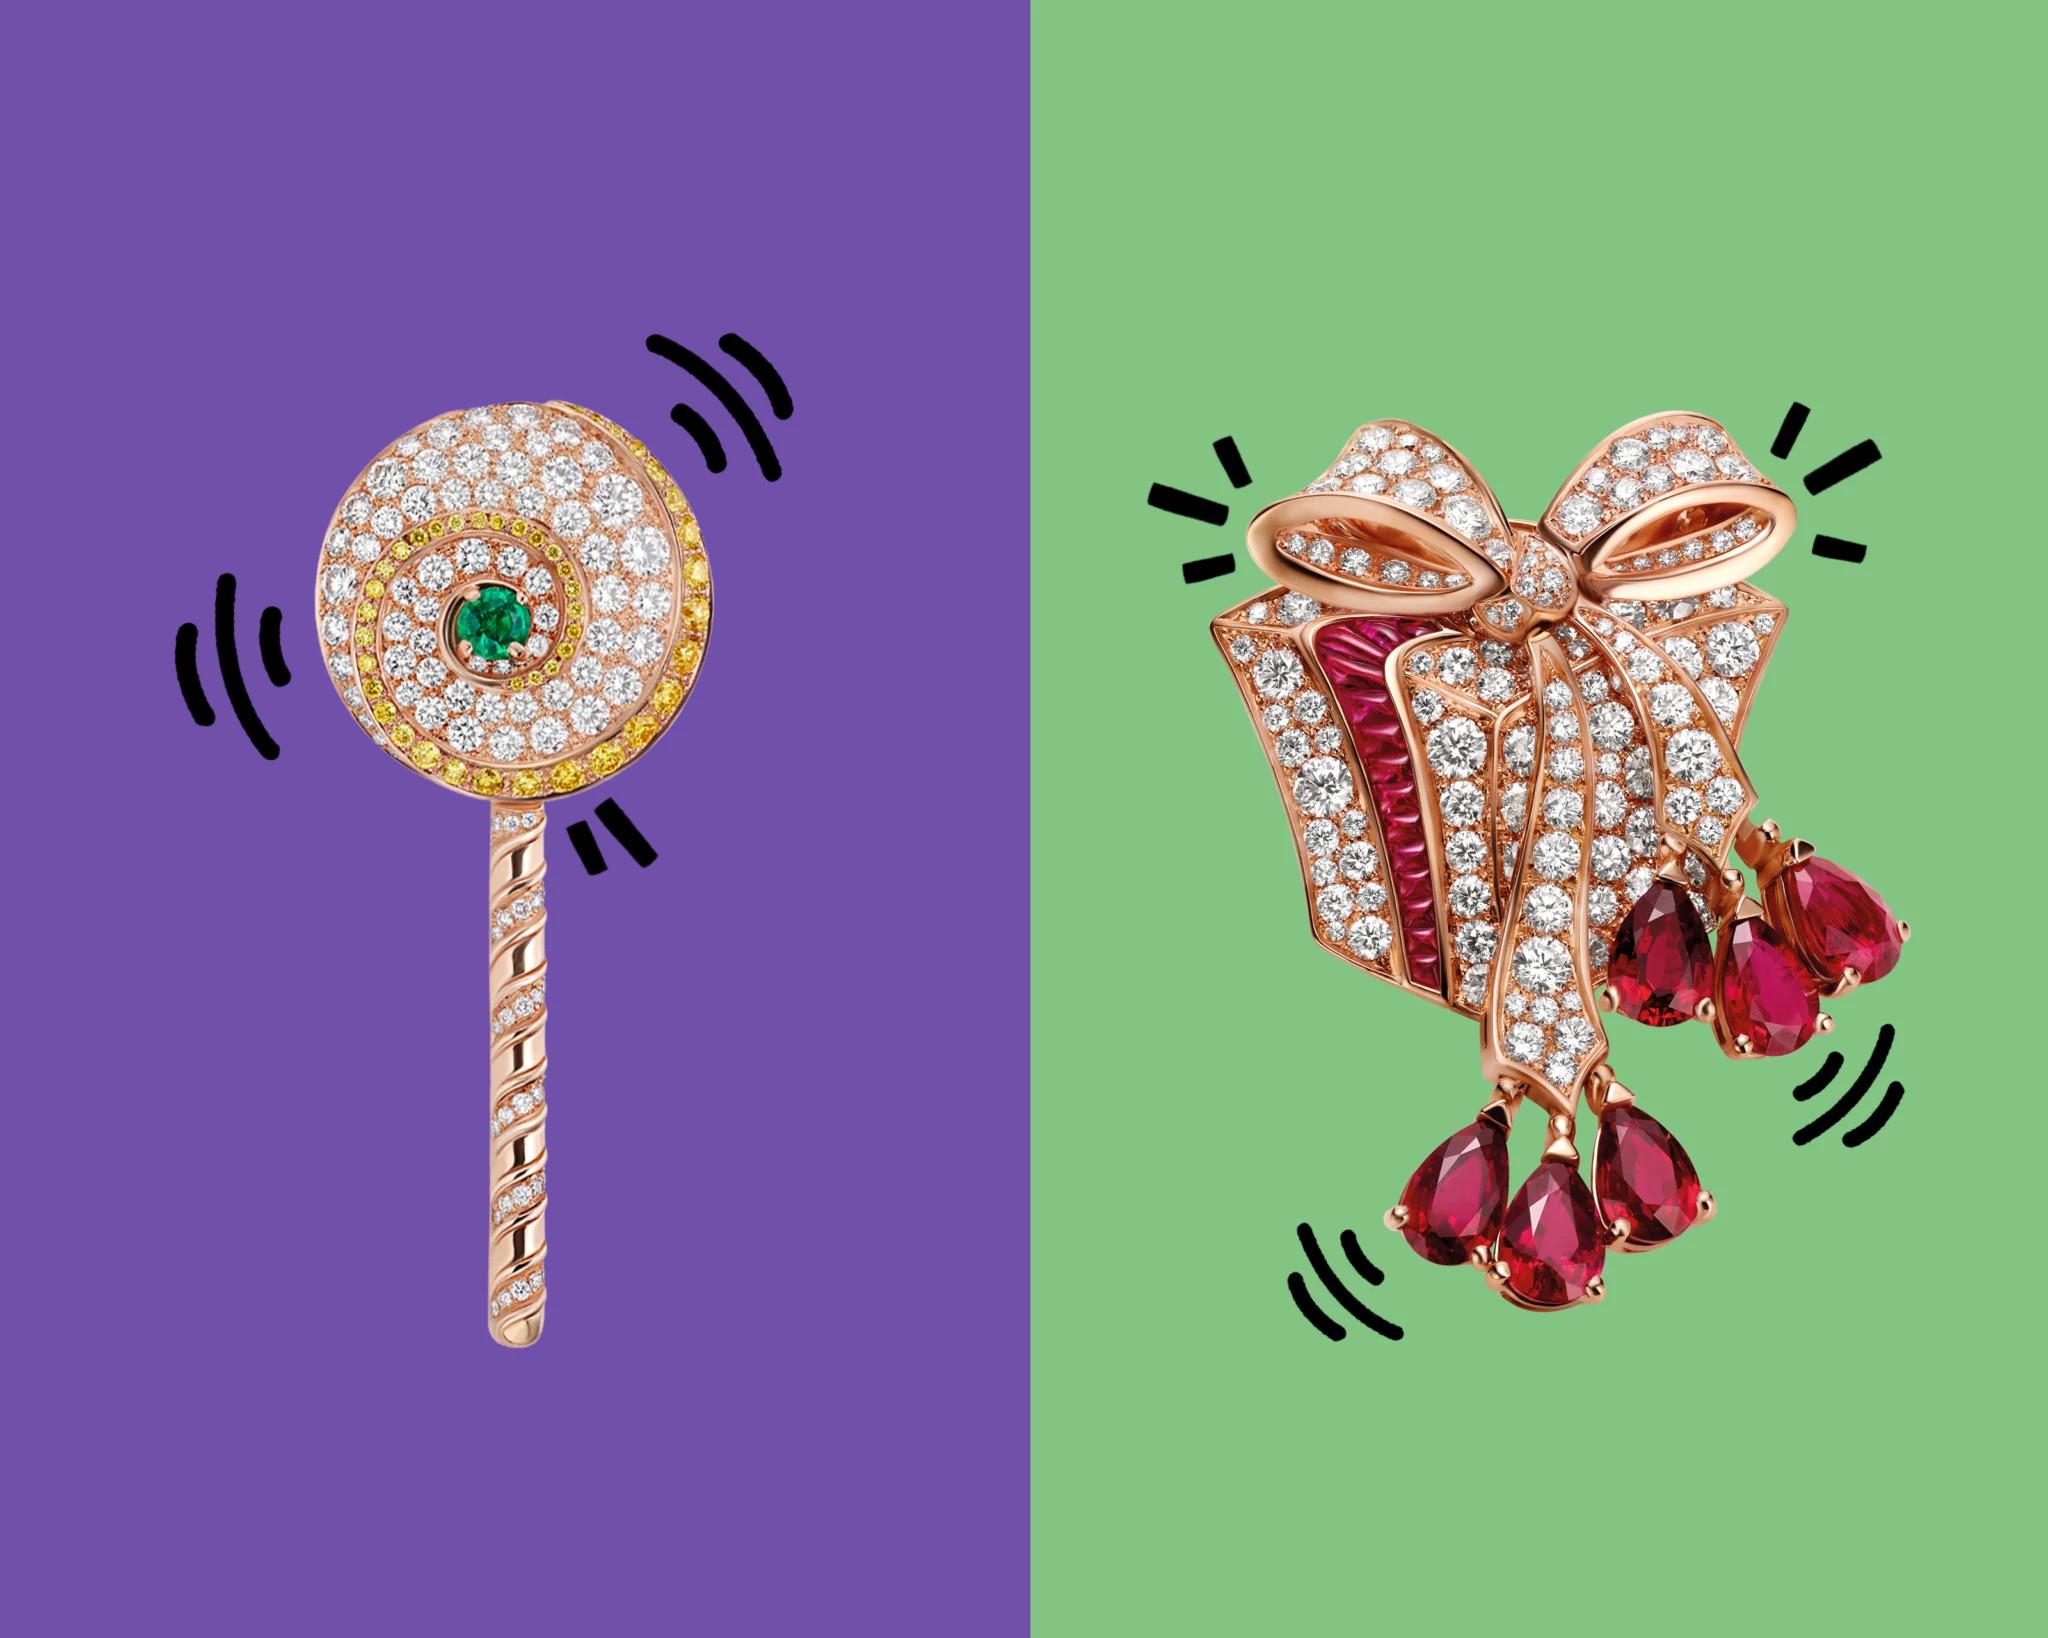 宝格丽的表情符号珠宝创作